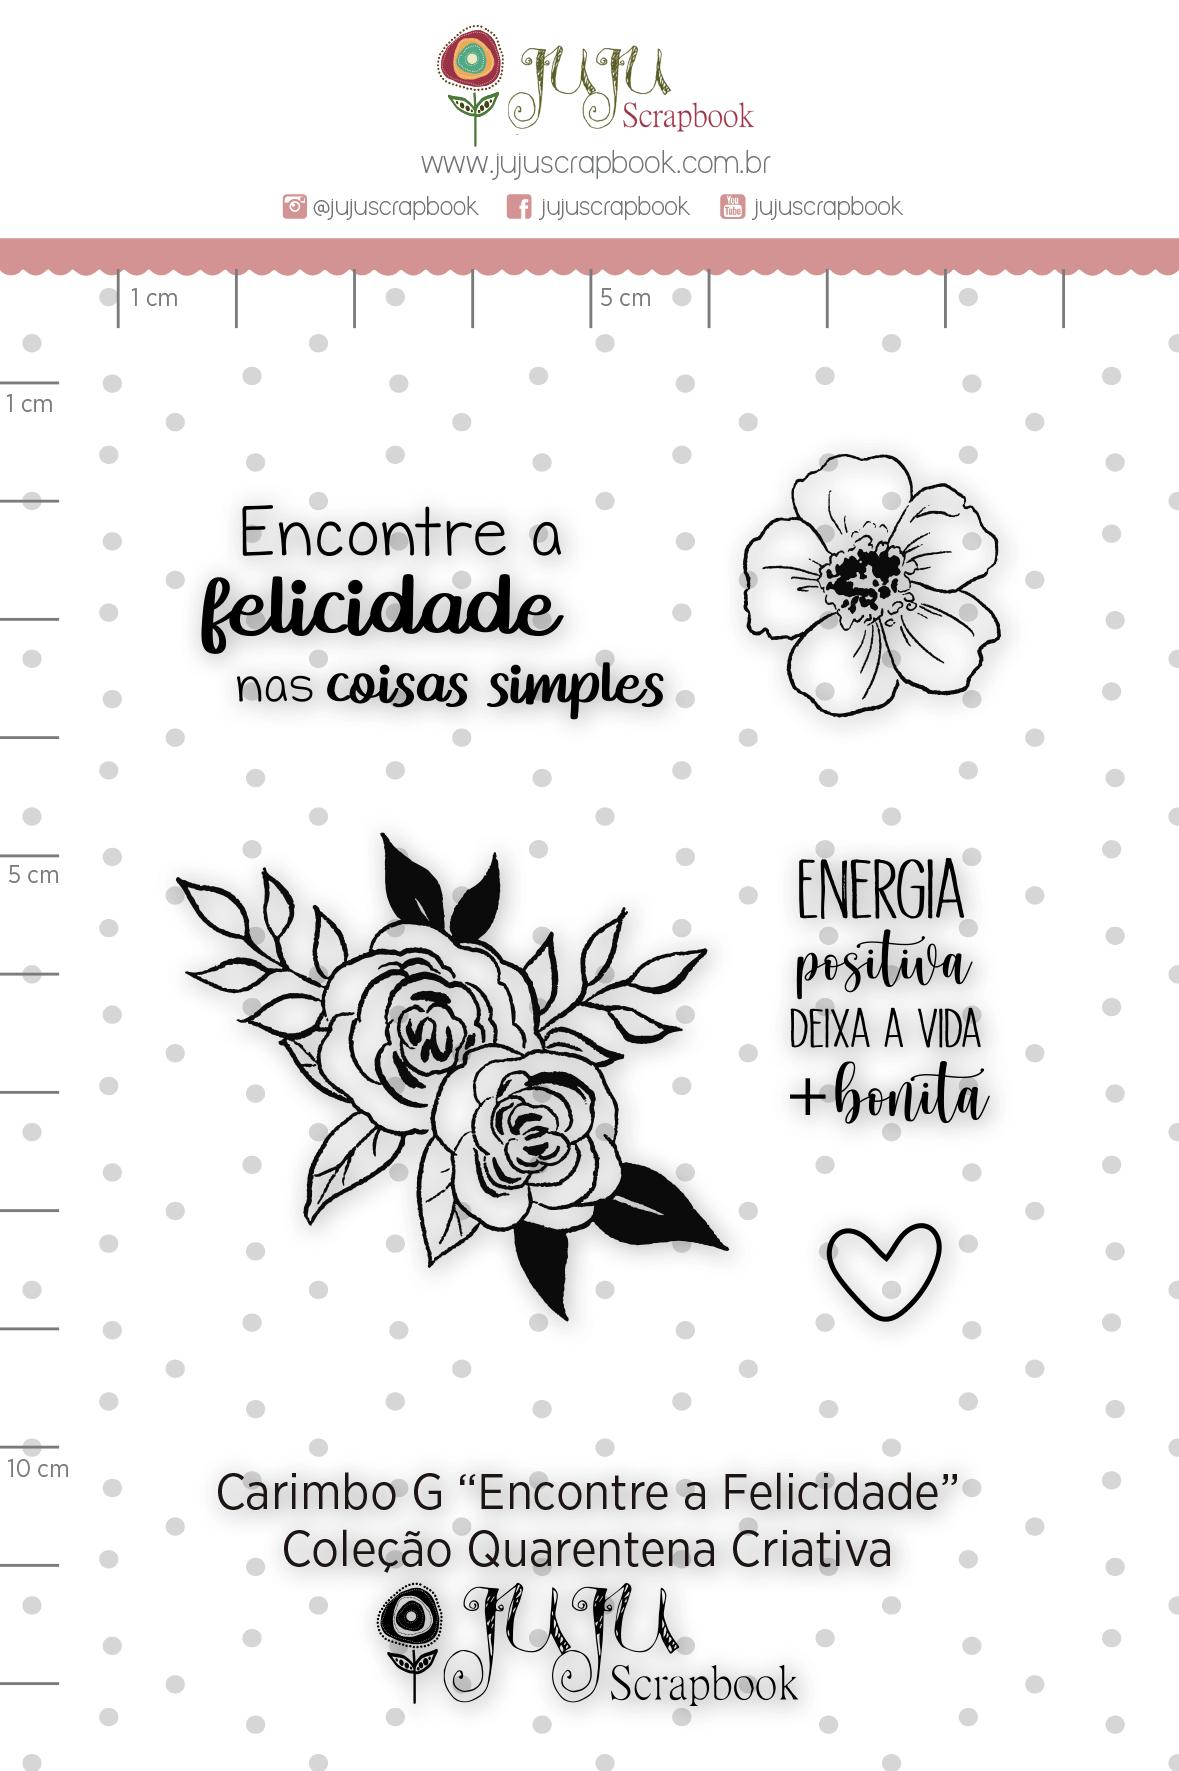 Carimbo G Encontre a Felicidade - Coleção Quarentena Criativa - Juju Scrapbook  - JuJu Scrapbook